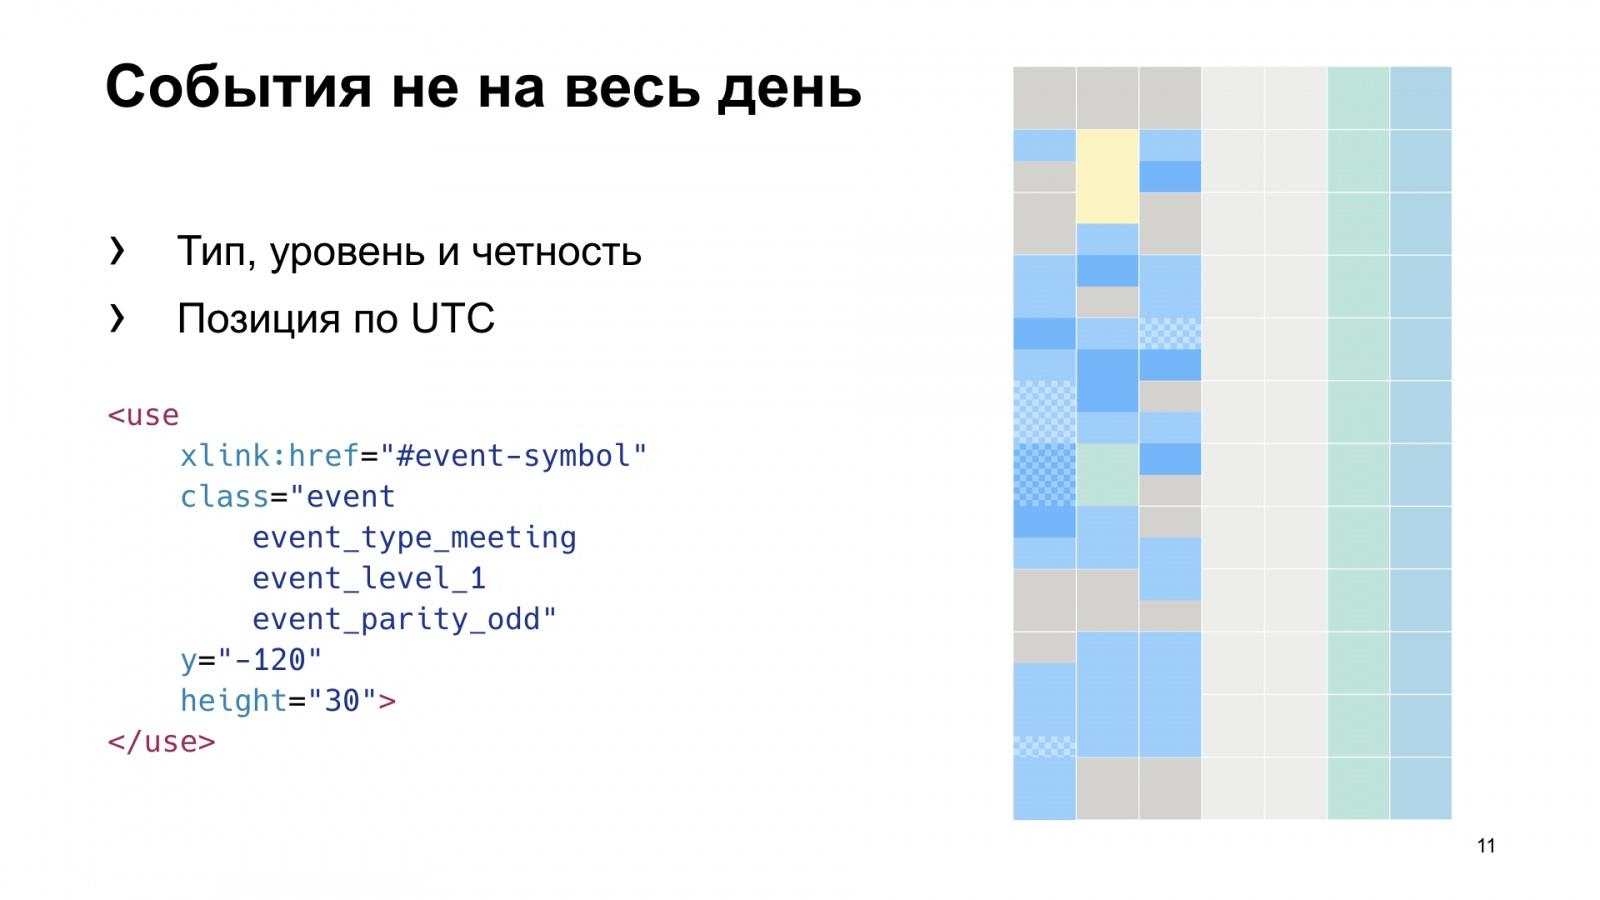 SVG в реальной жизни. Доклад Яндекса - 12